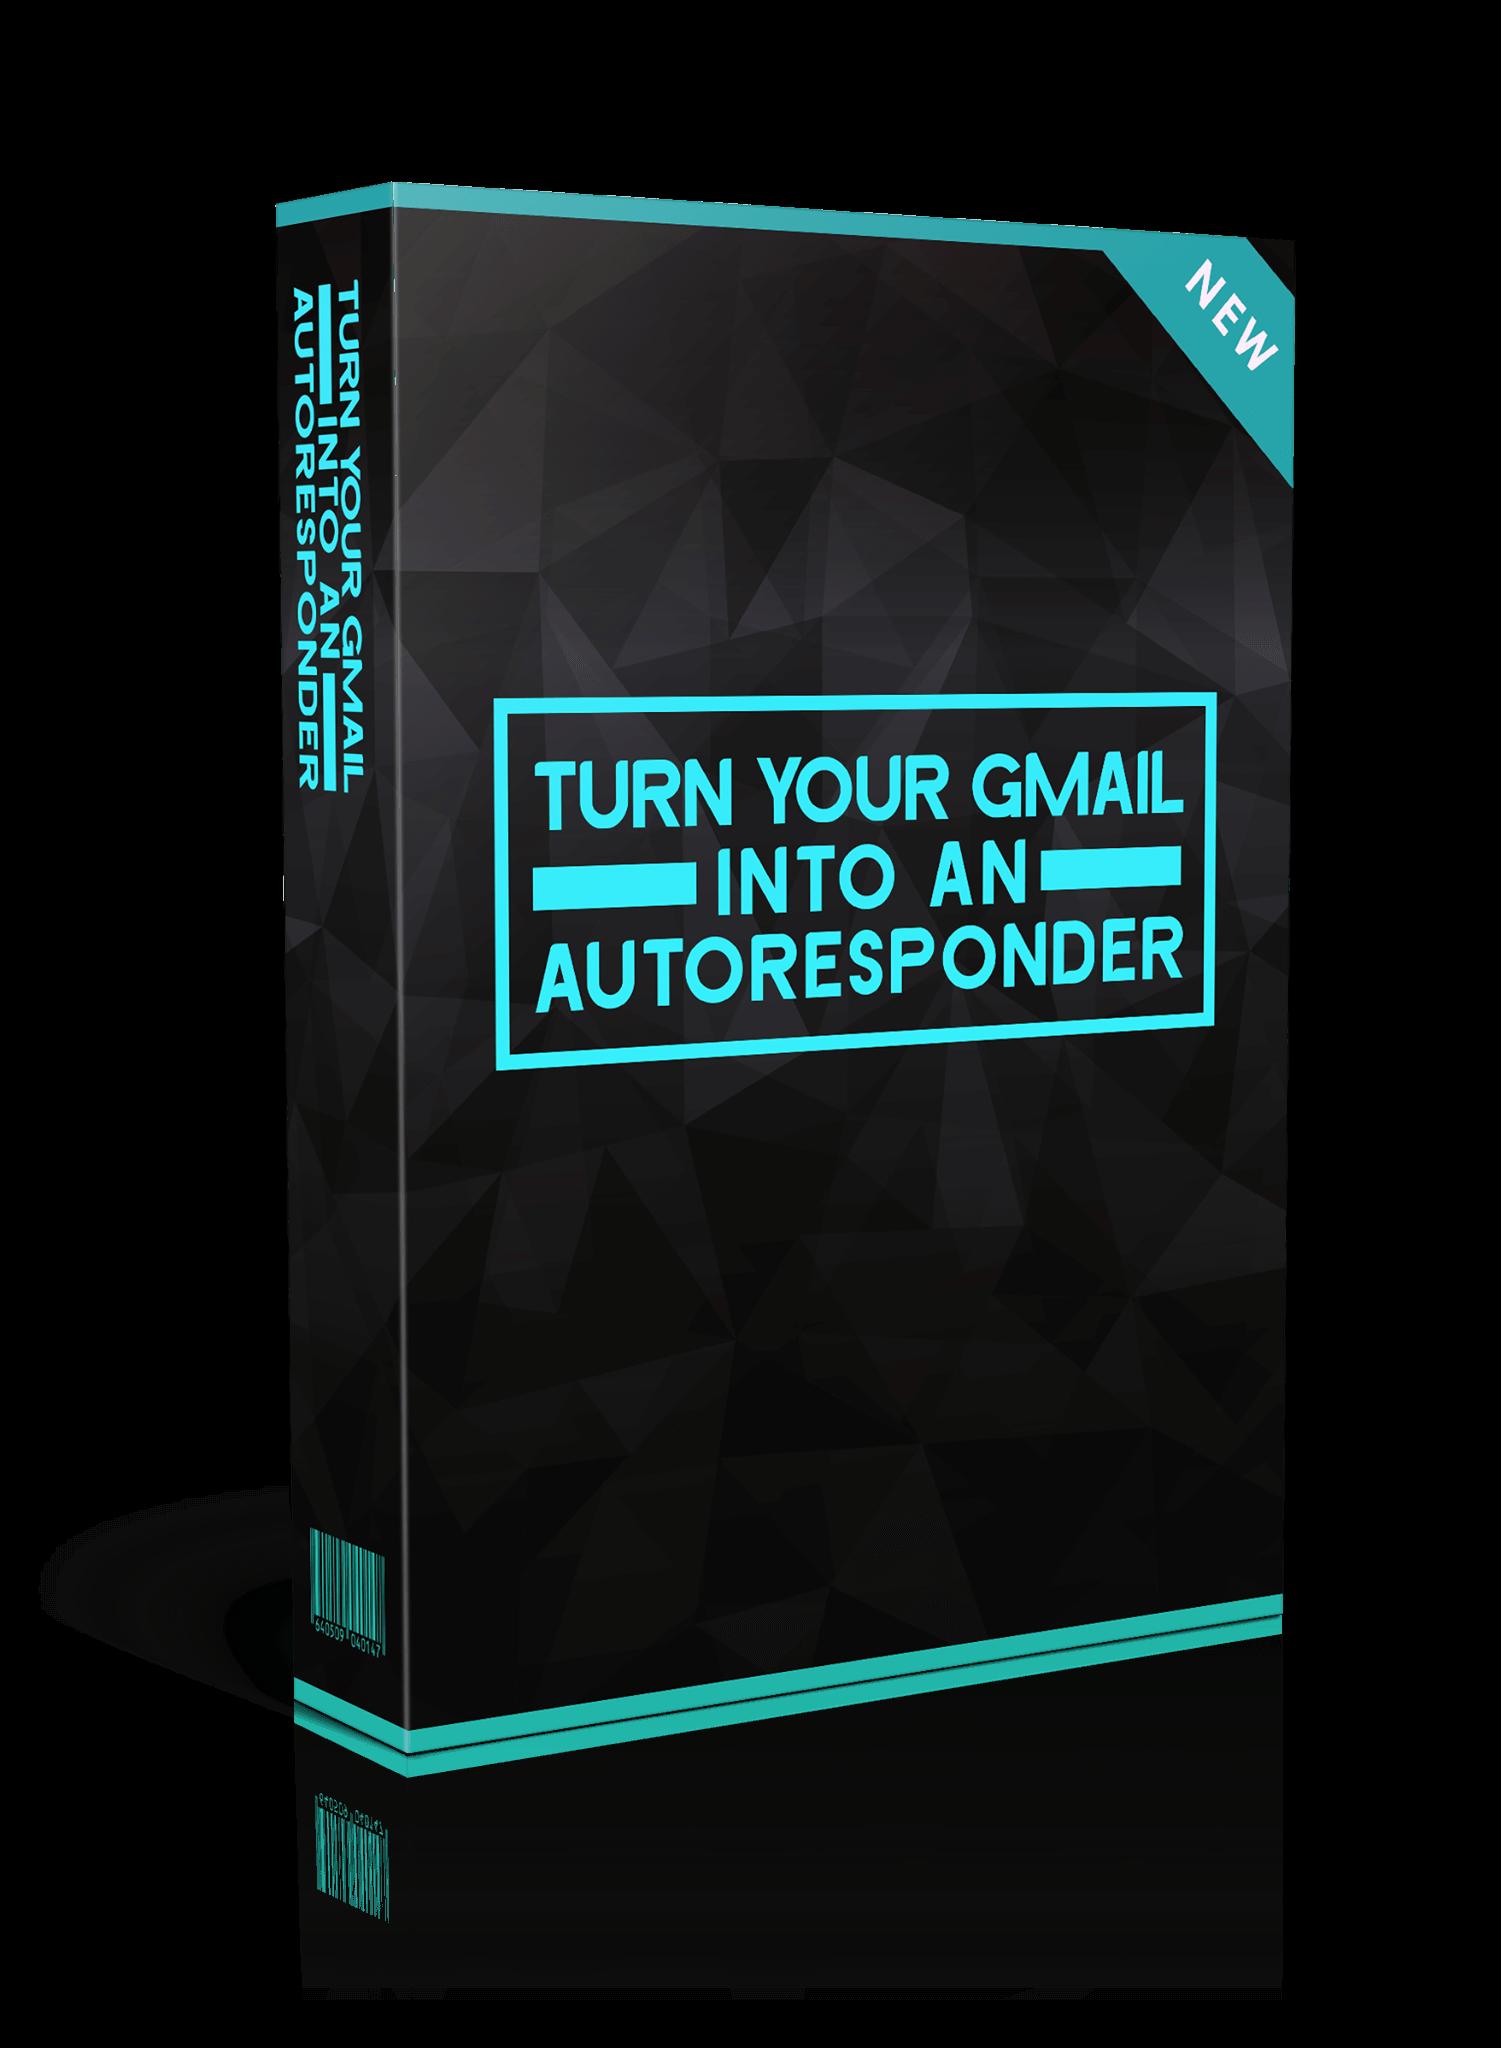 38. Turn-Gmail-Into-A-Bulk-Mailer